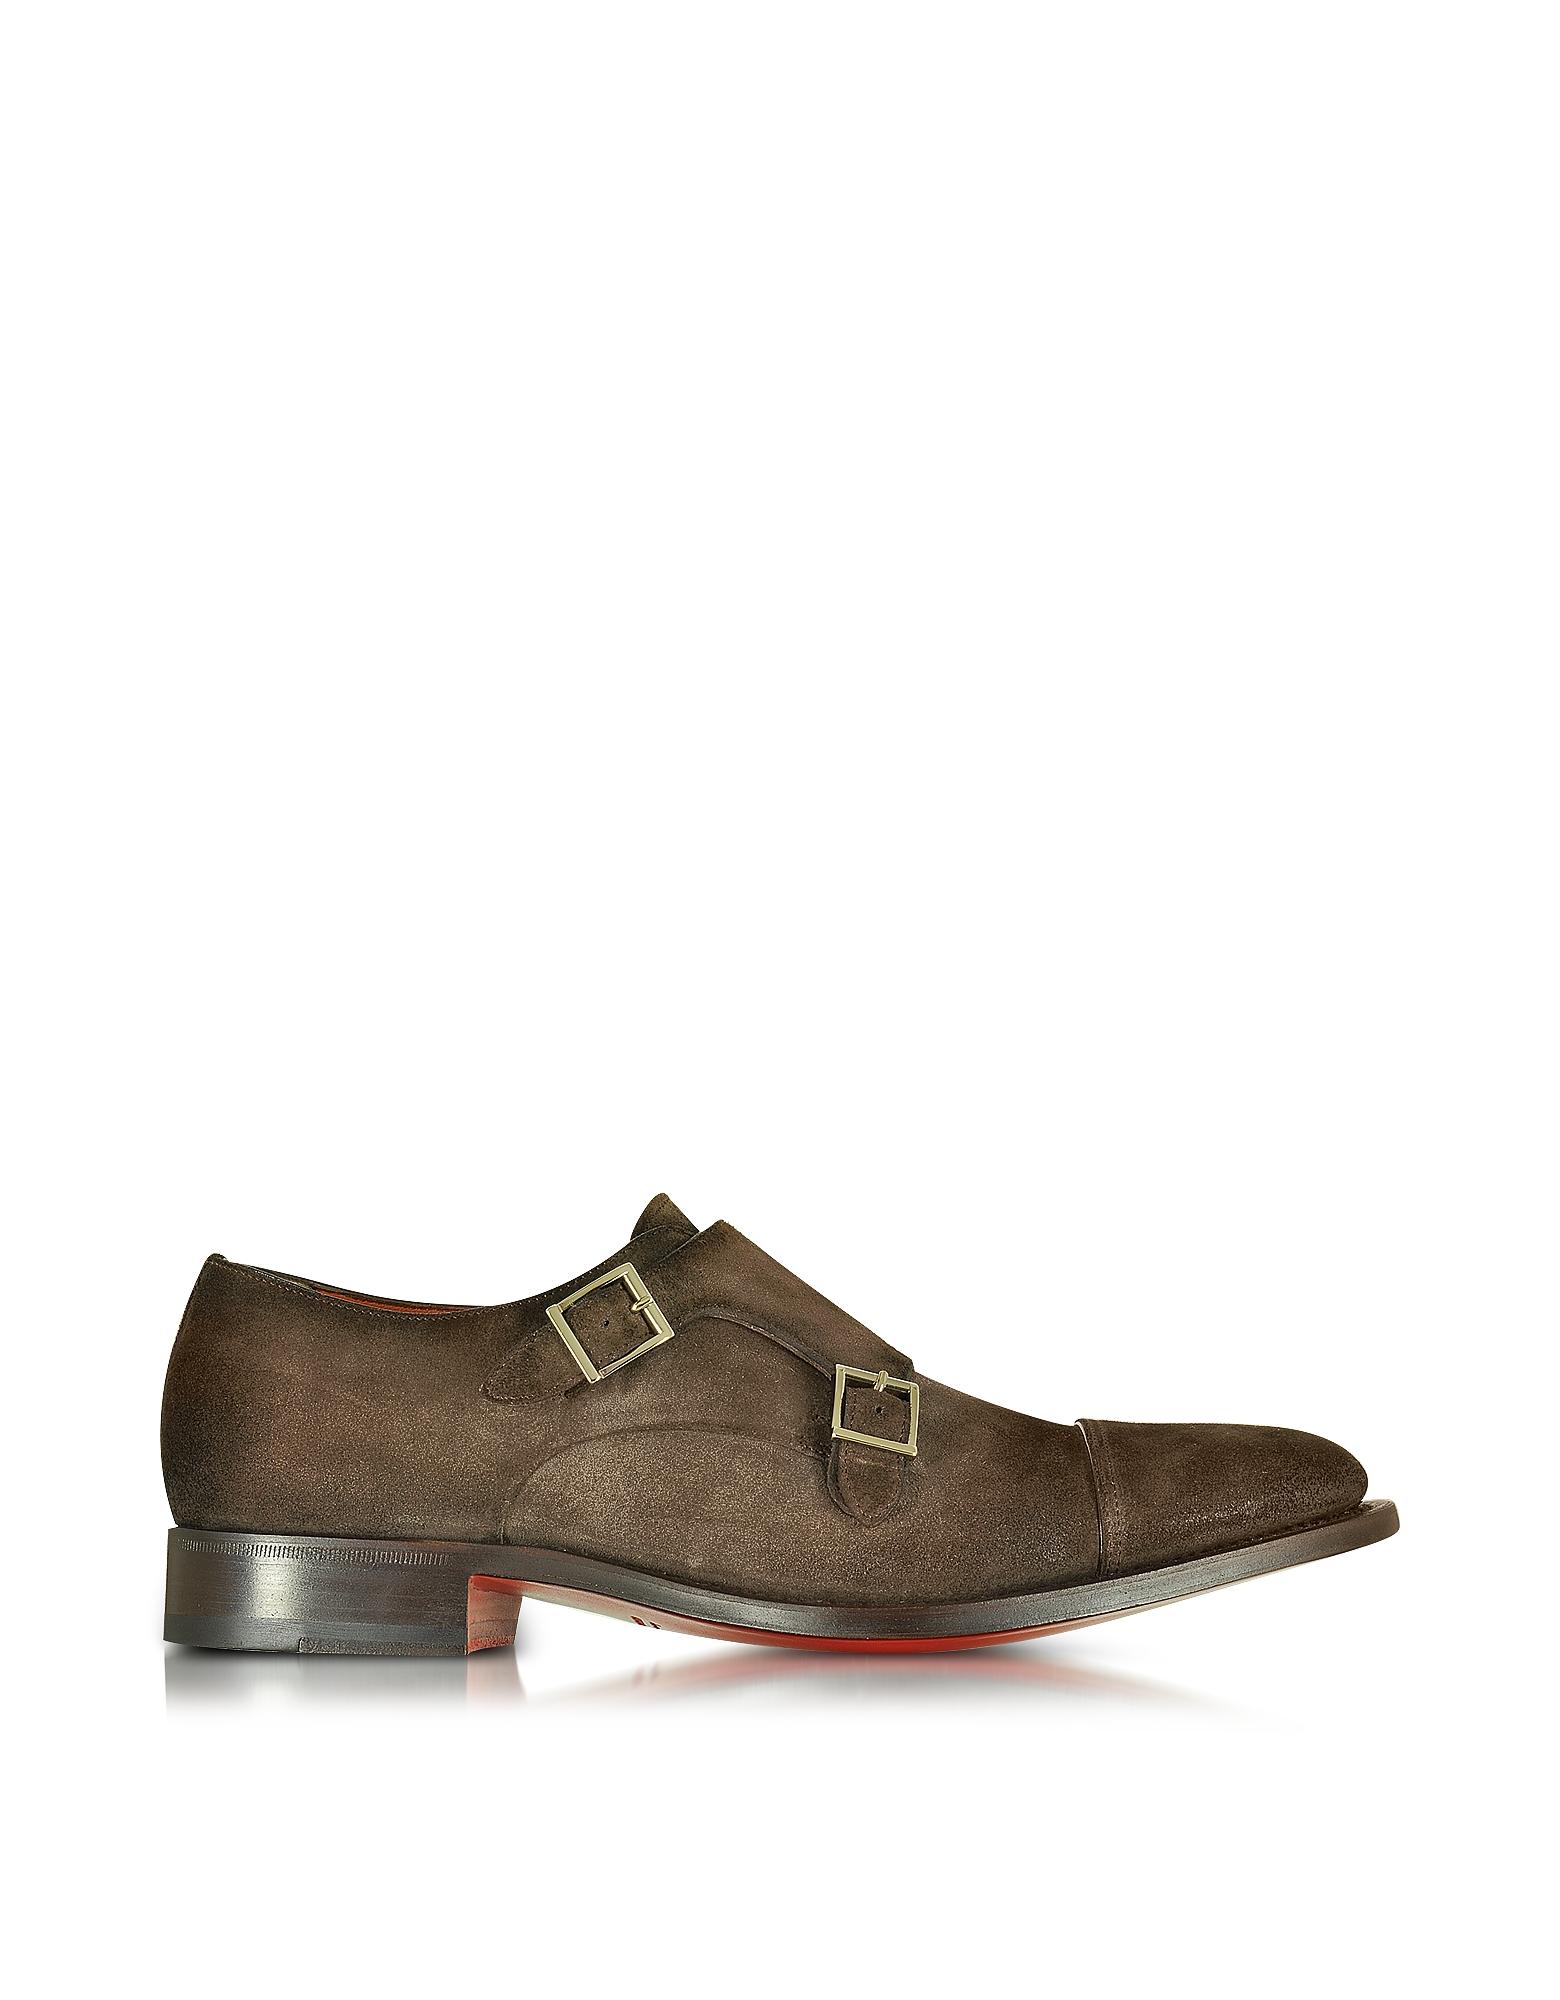 Темно-коричневые Замшевые Туфли с Ремешком Спереди